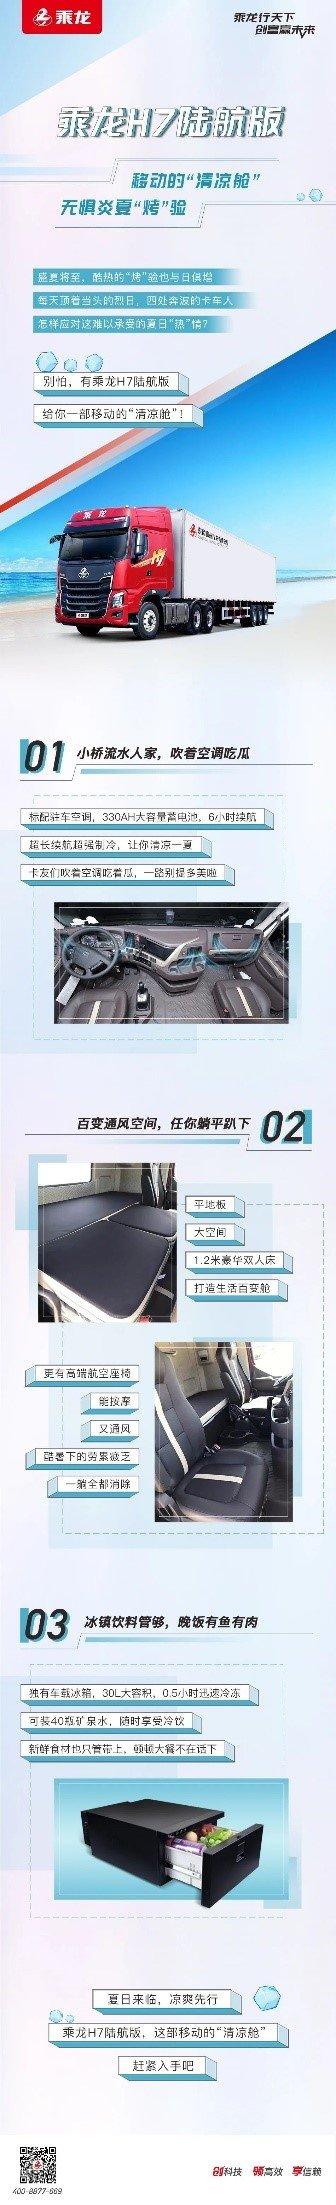 空调冰箱一应俱全,乘龙H7陆航版丰富配置真正为卡友着想